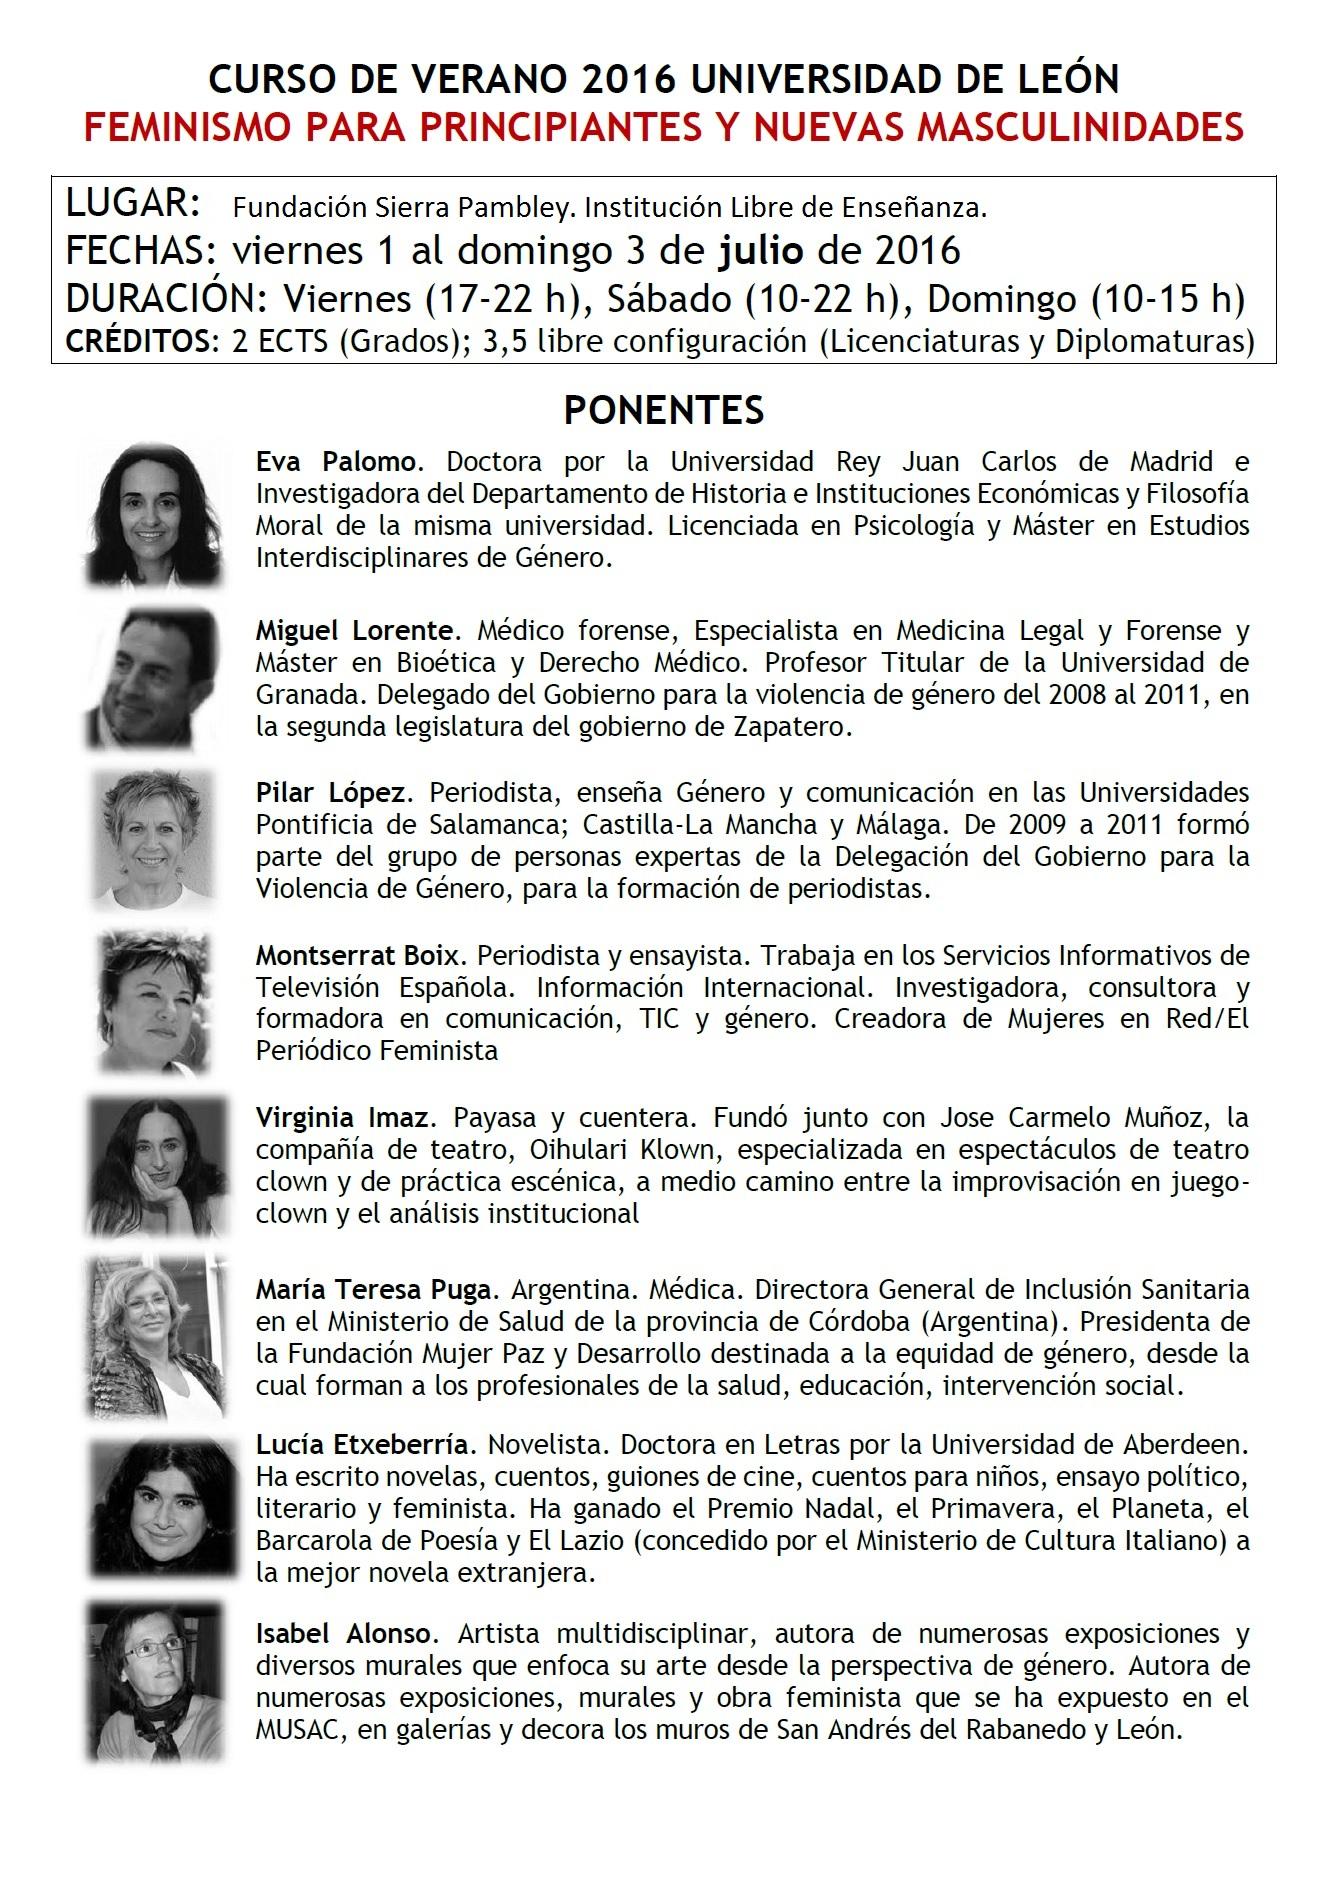 Feminismo2016ULEok